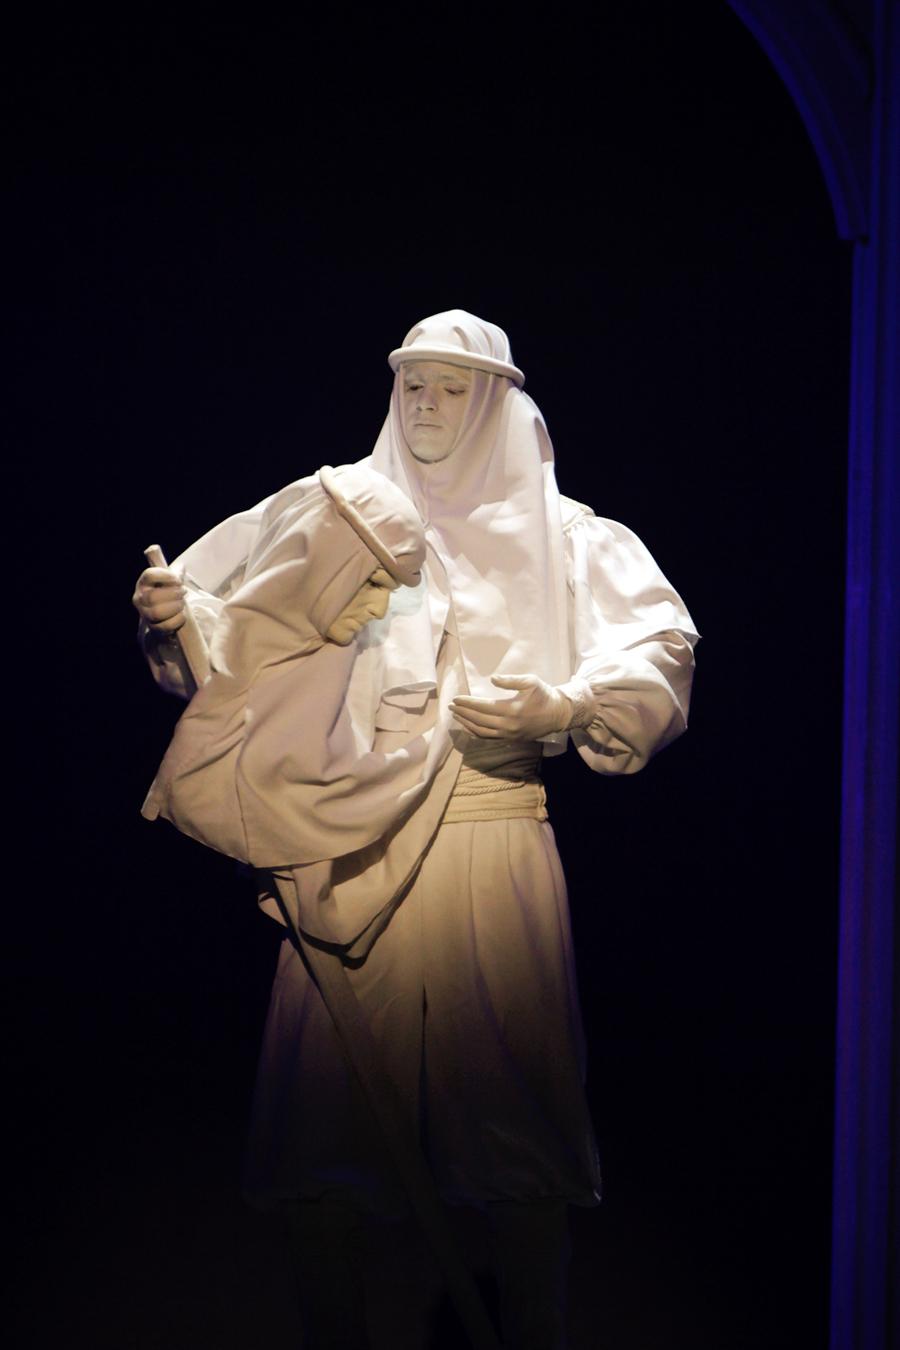 高大上的地中海风格双头雕塑表演